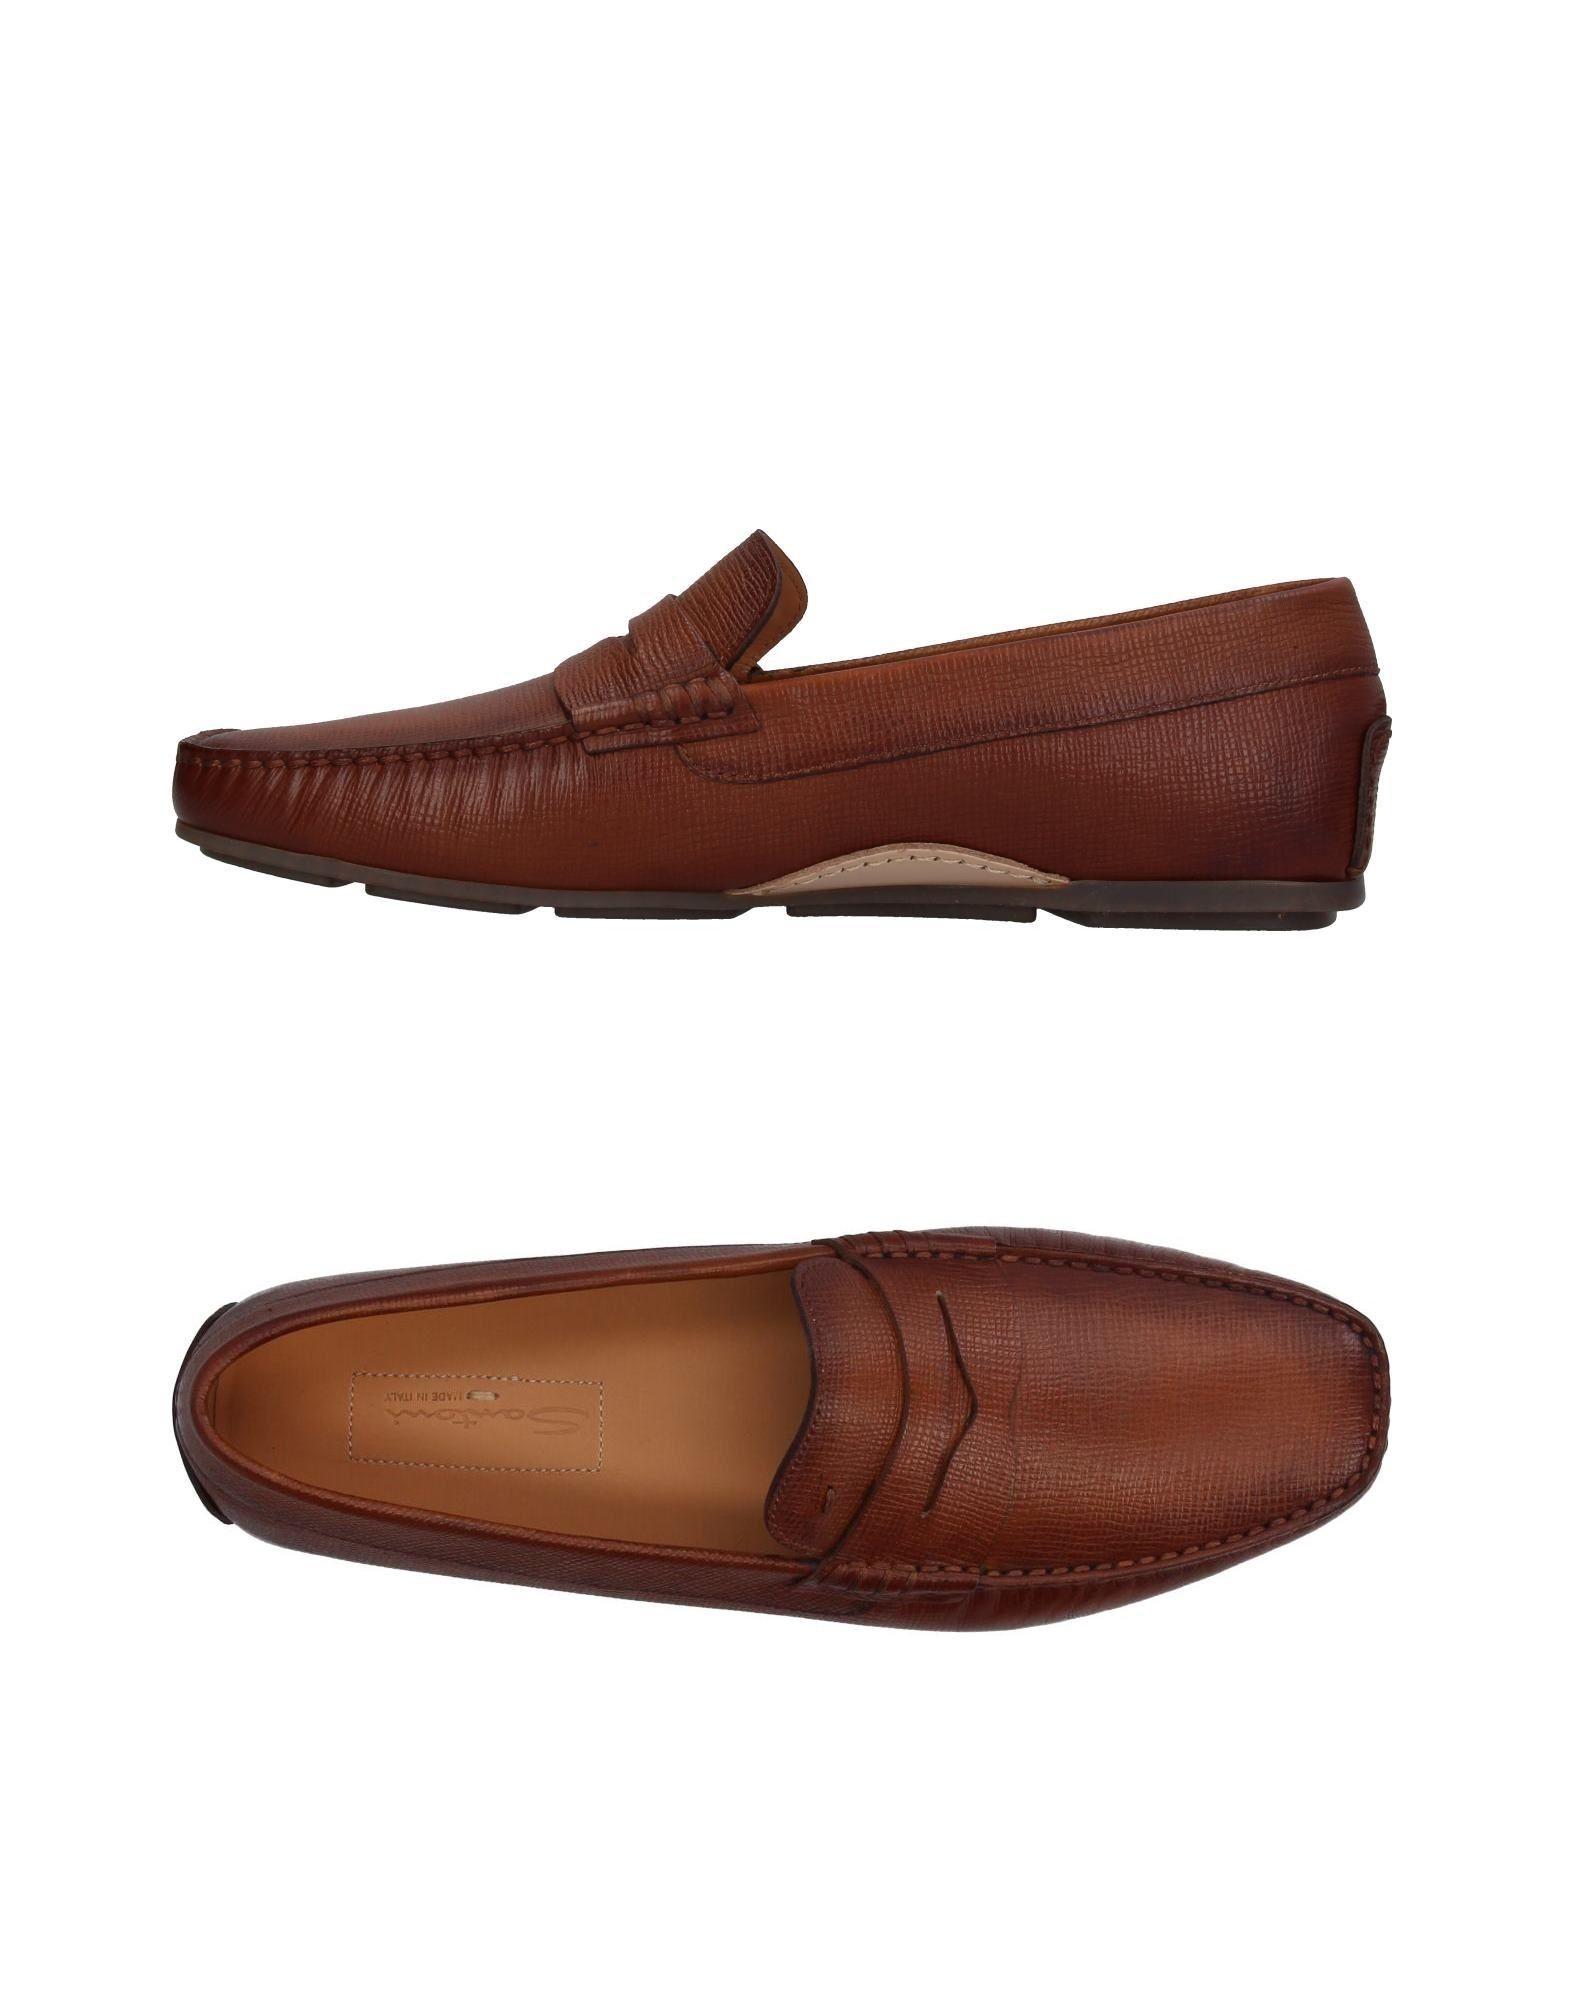 Santoni Mokassins Herren  11409920VF Gute Qualität beliebte Schuhe